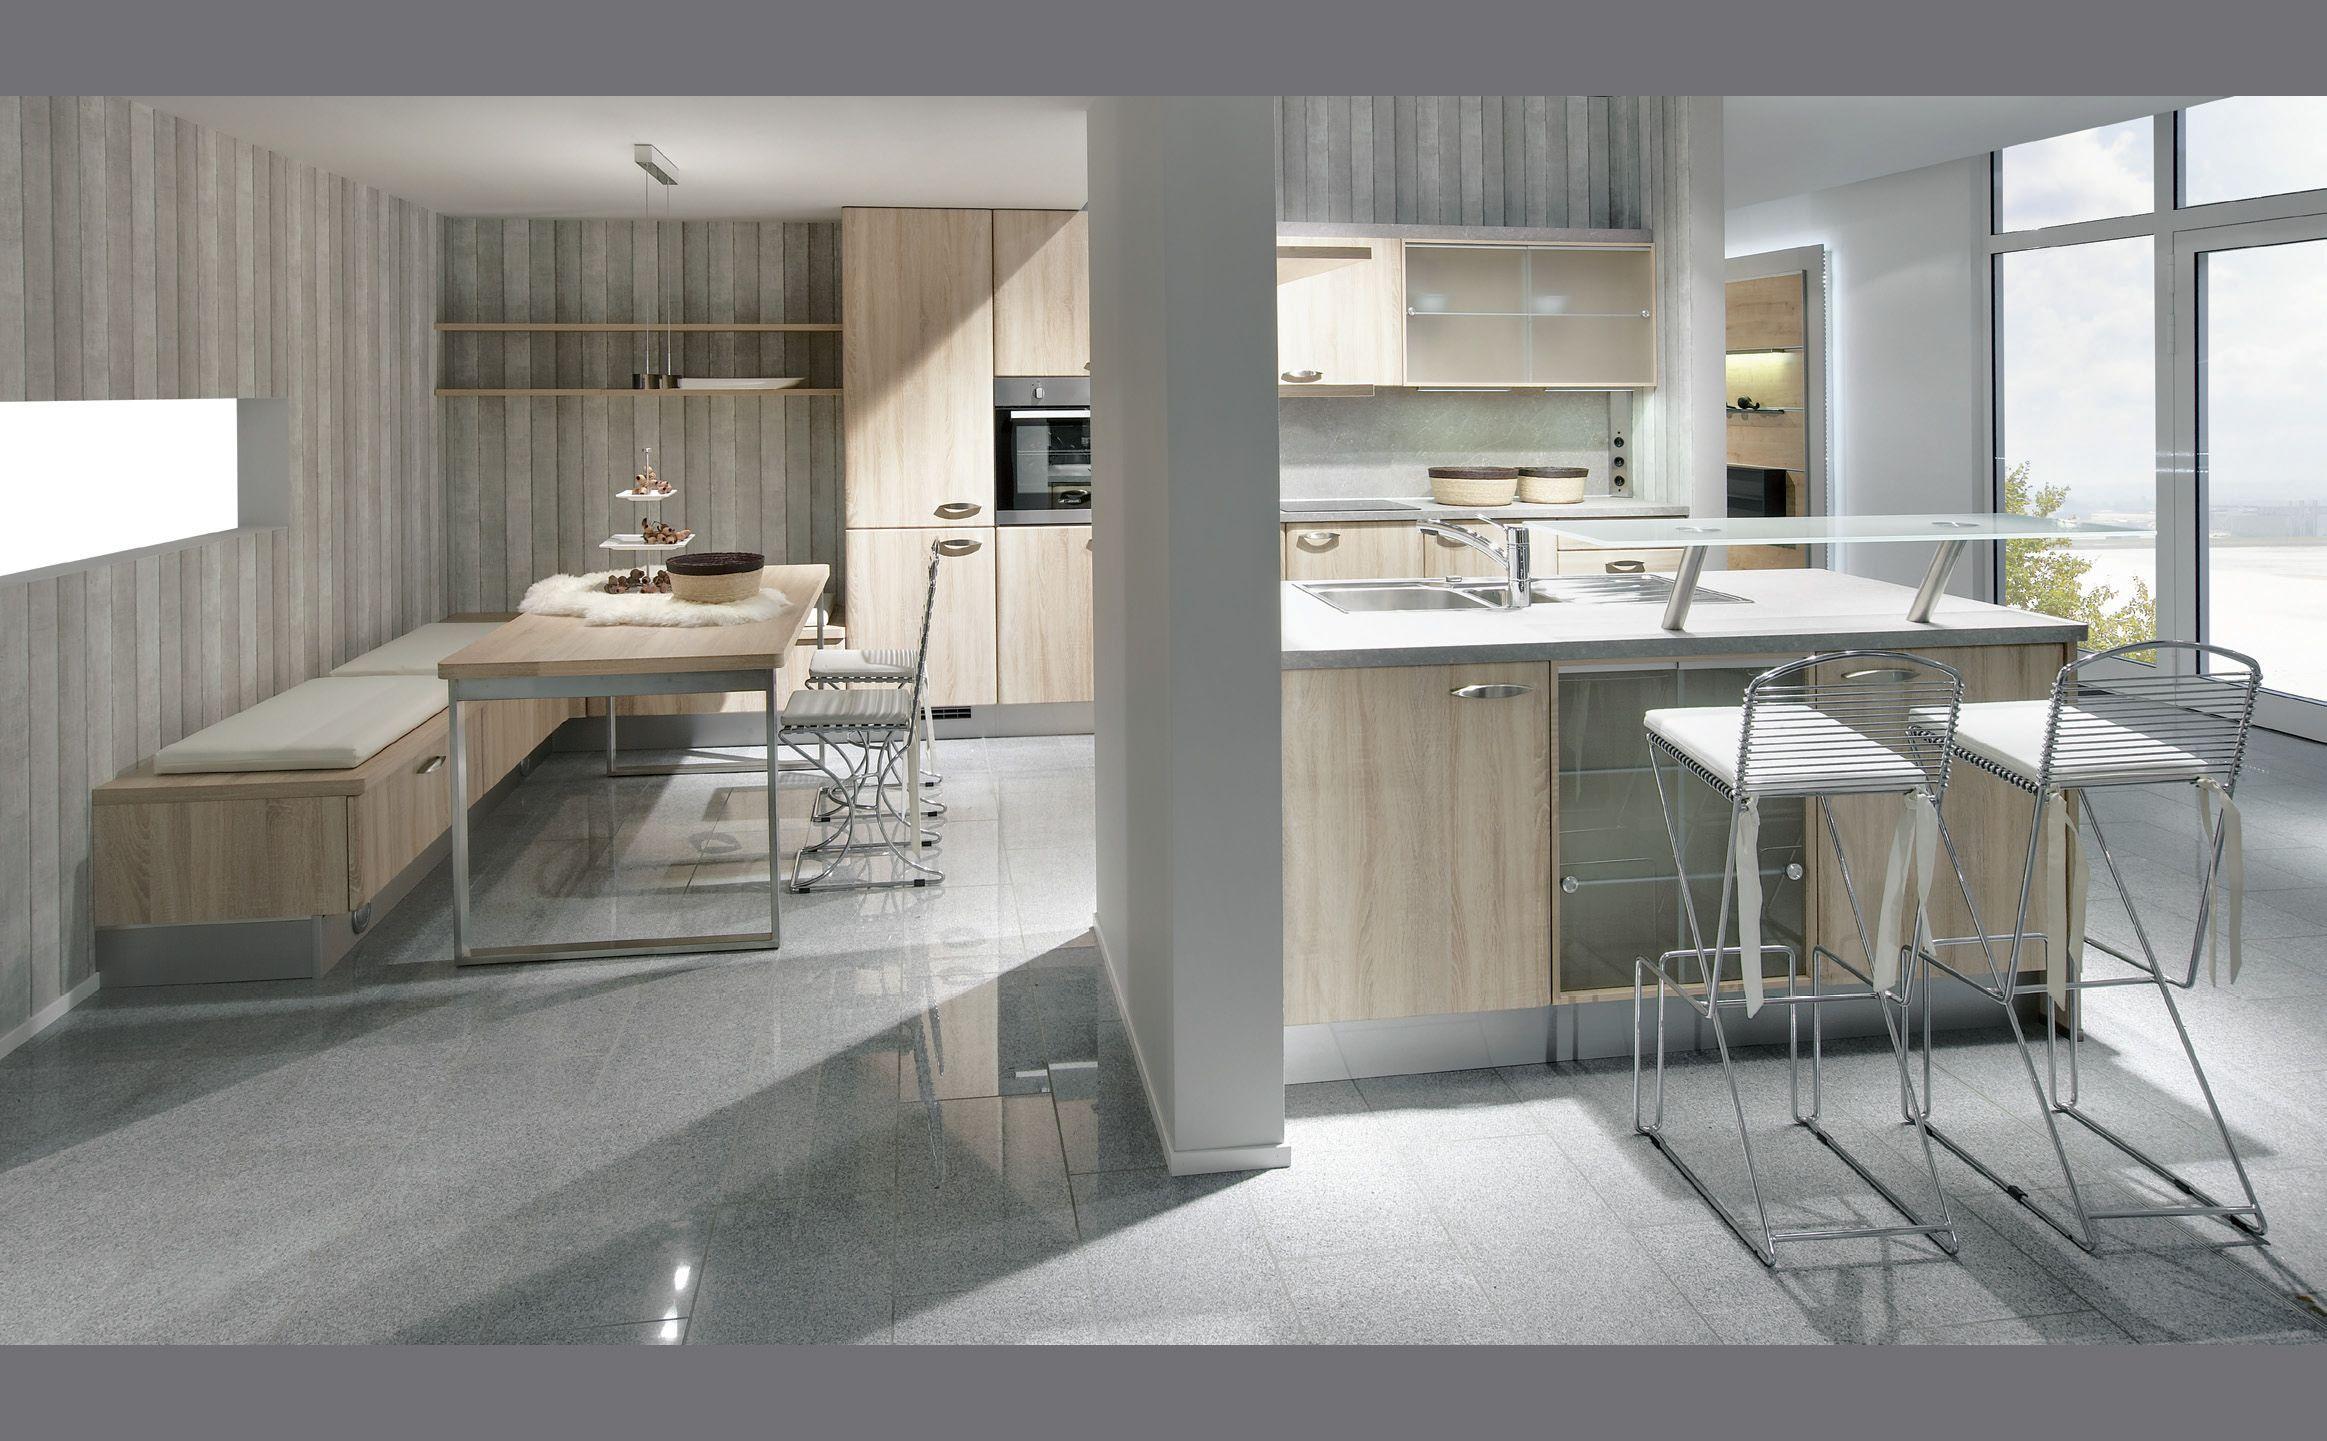 Cocina En Madera Y Gris Cocinas Kitchens Cocinas Kitchens  # Budnik Muebles De Cocina